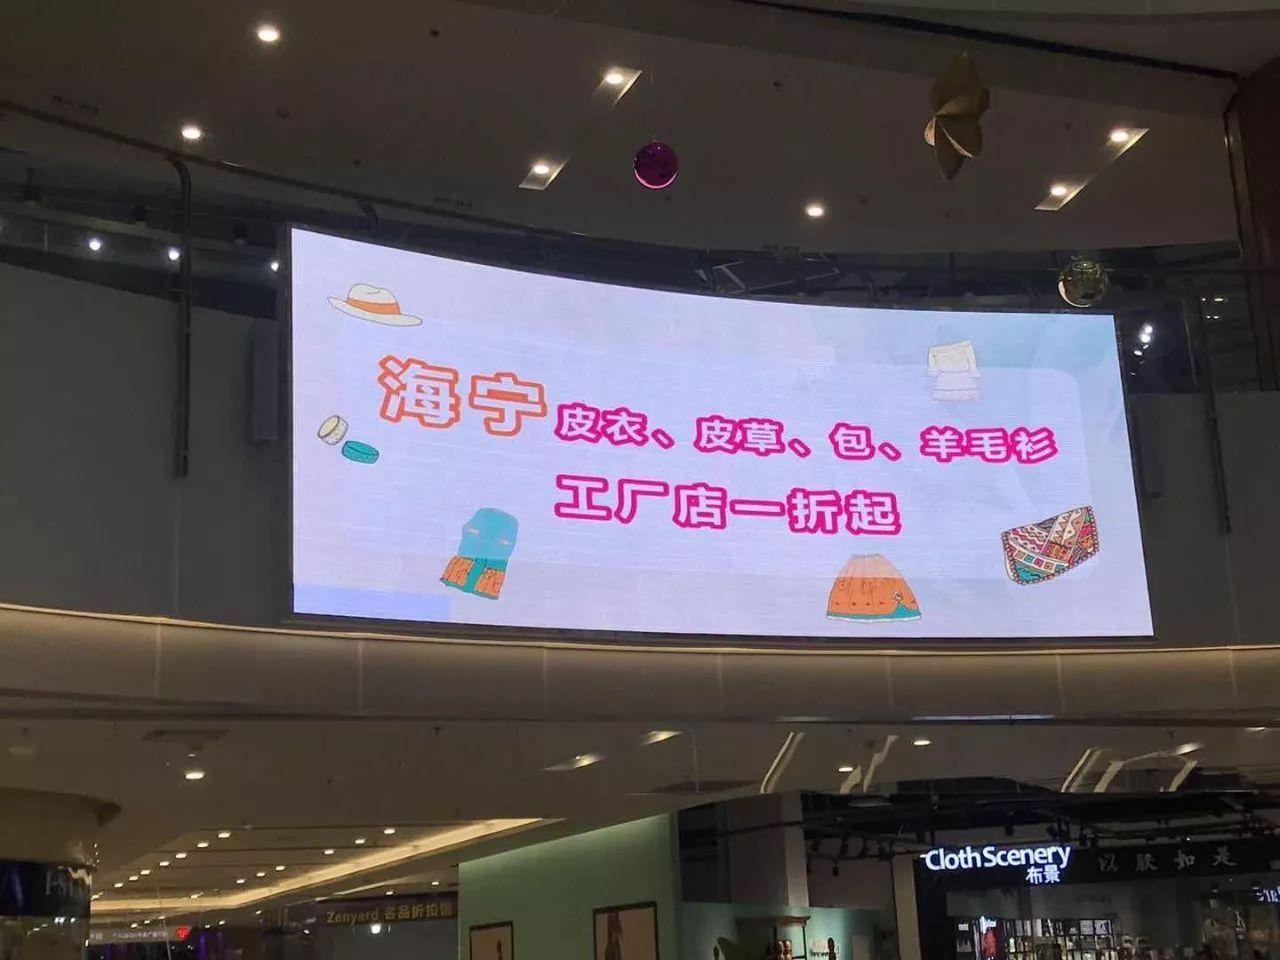 """""""以文化自信致敬时代"""" 懋源地产品牌展厅开放"""